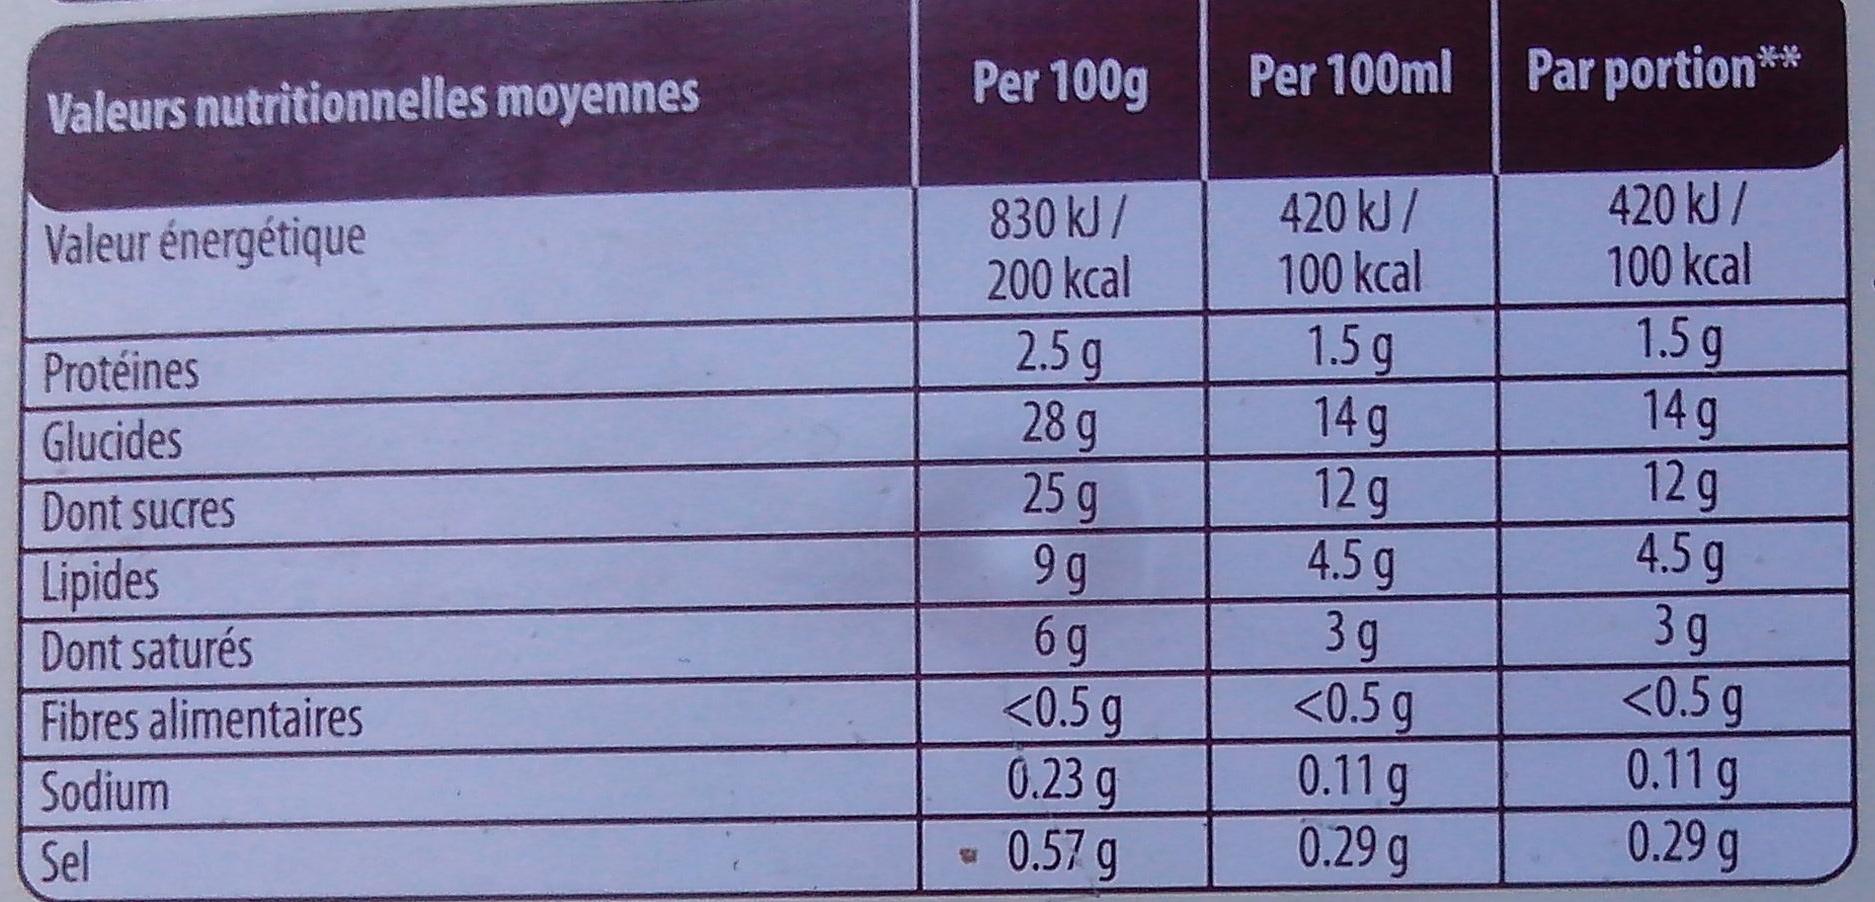 Caramel fleur de sel - Informations nutritionnelles